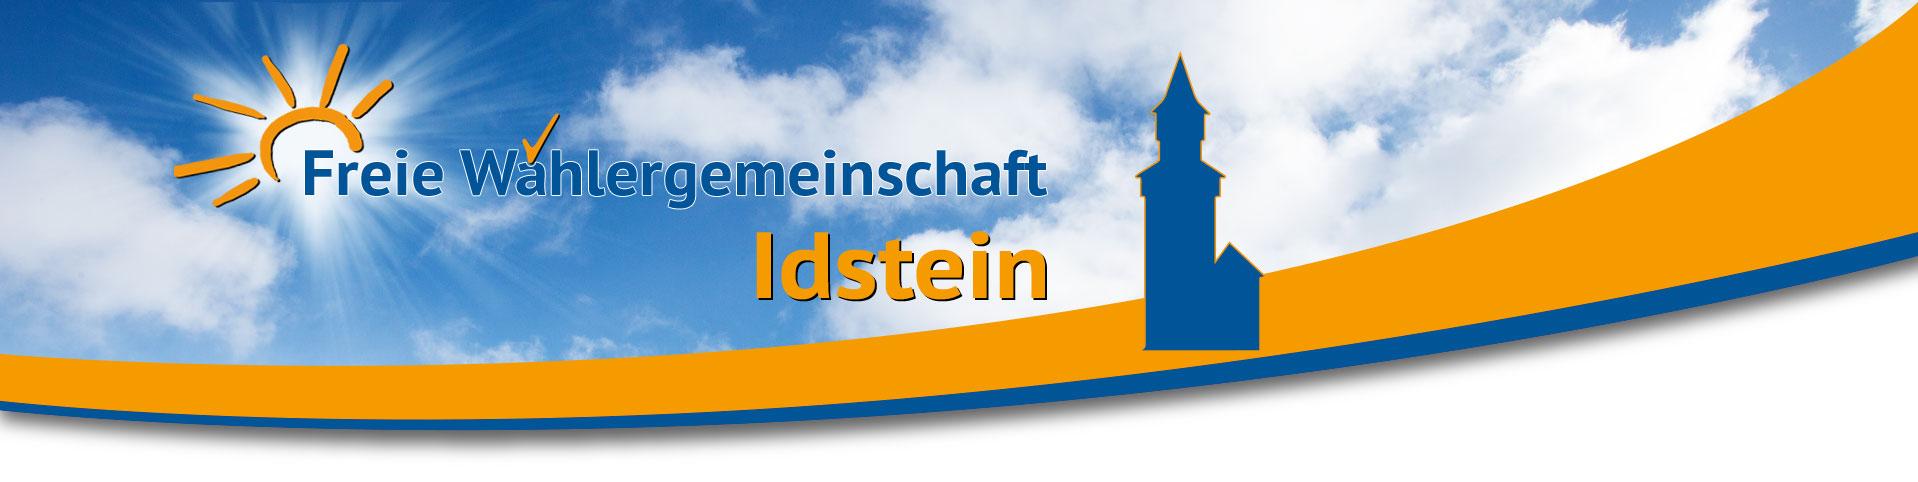 Freie Wählergemeinschaft Idstein e.V.